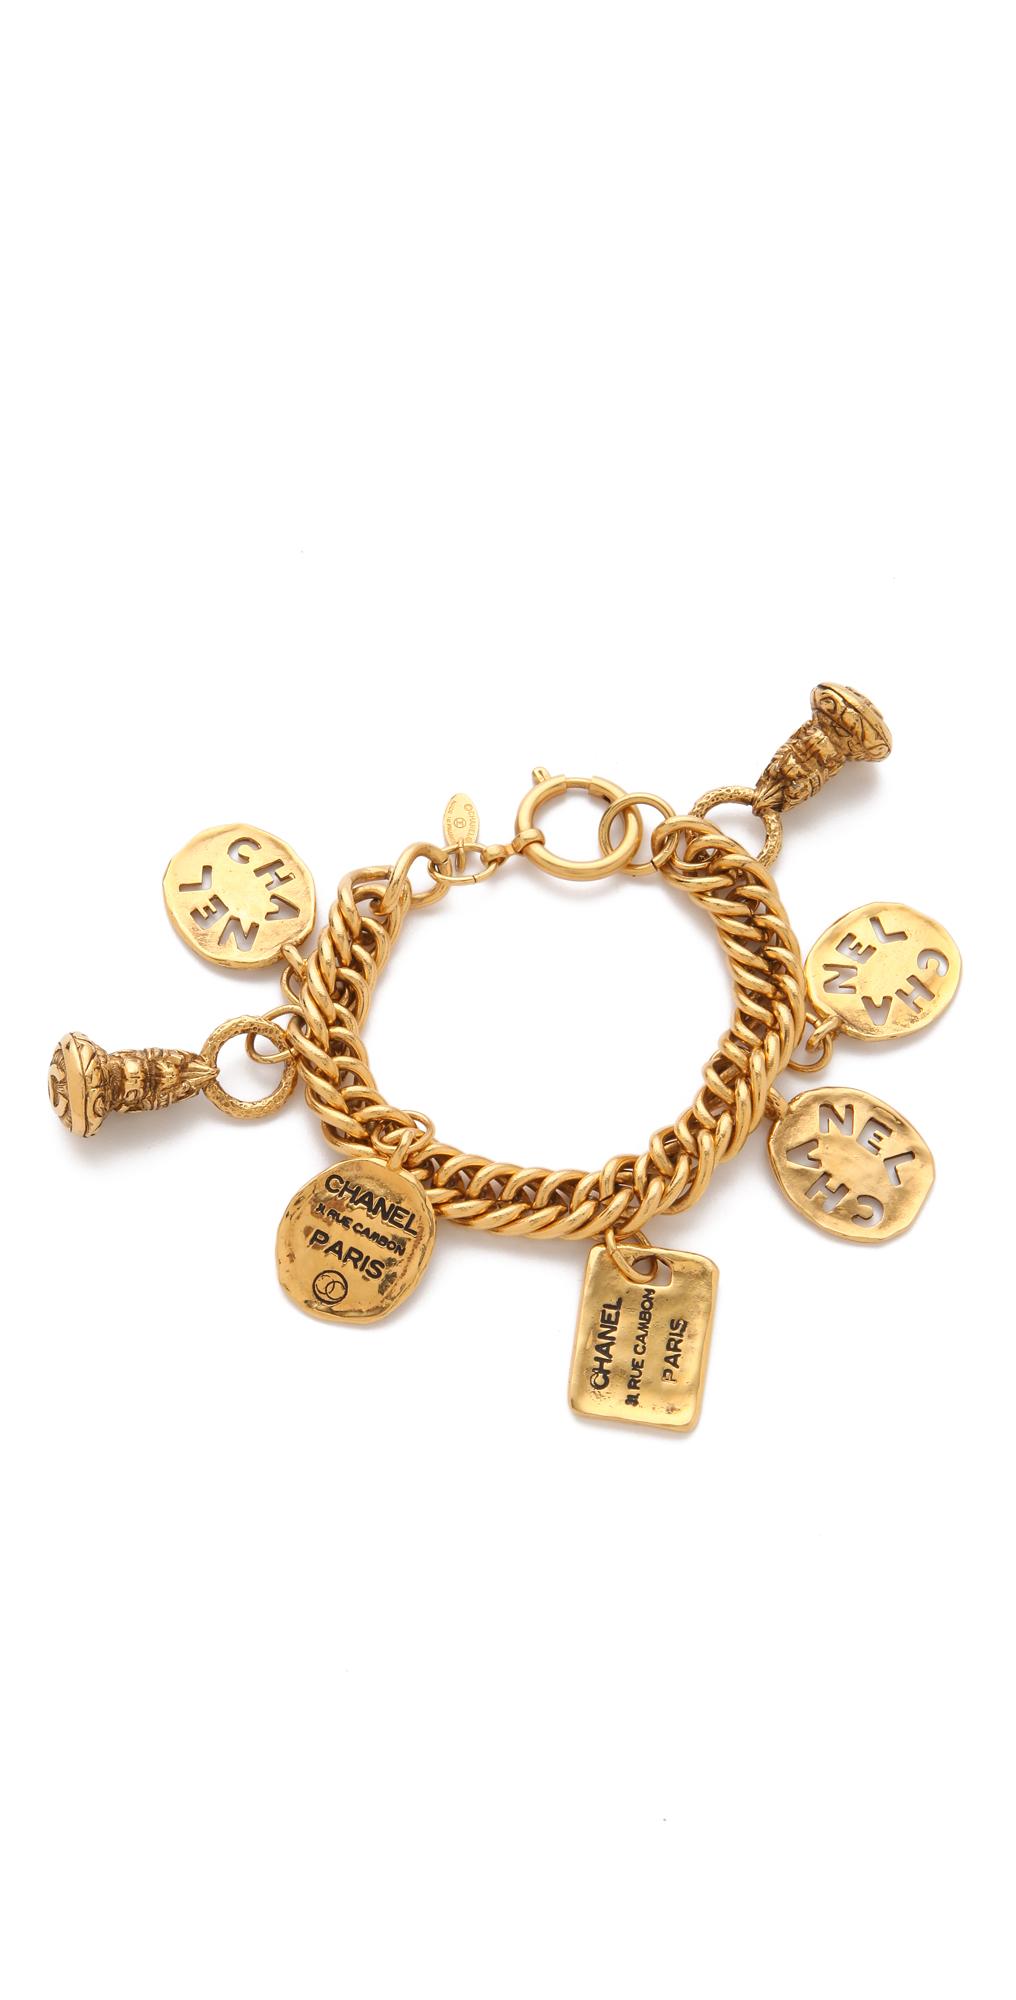 珠宝首饰 首饰 > chanel 复古饰牌镂空硬币手链